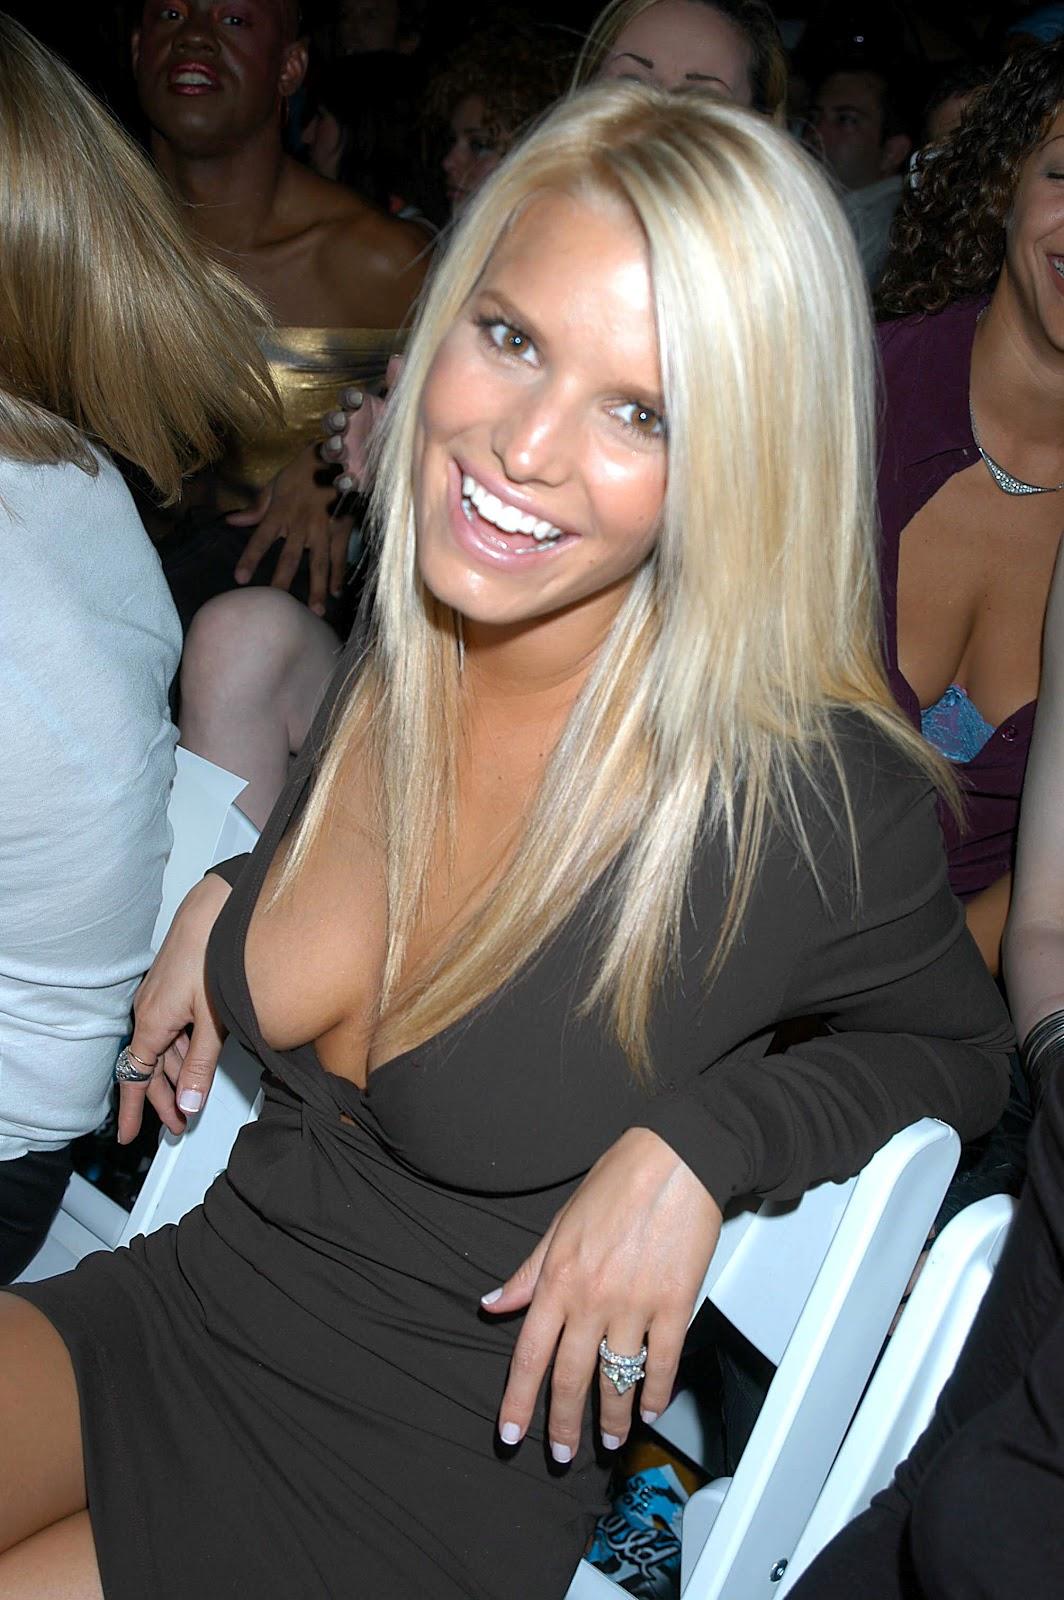 http://1.bp.blogspot.com/-nb5D4Ut0jqU/UGnv_jA-xbI/AAAAAAAAhVI/VhMq0PzwcaA/s1600/Jessica+Simpson+Deep+Cleavage+and+Upskirt+2.jpg